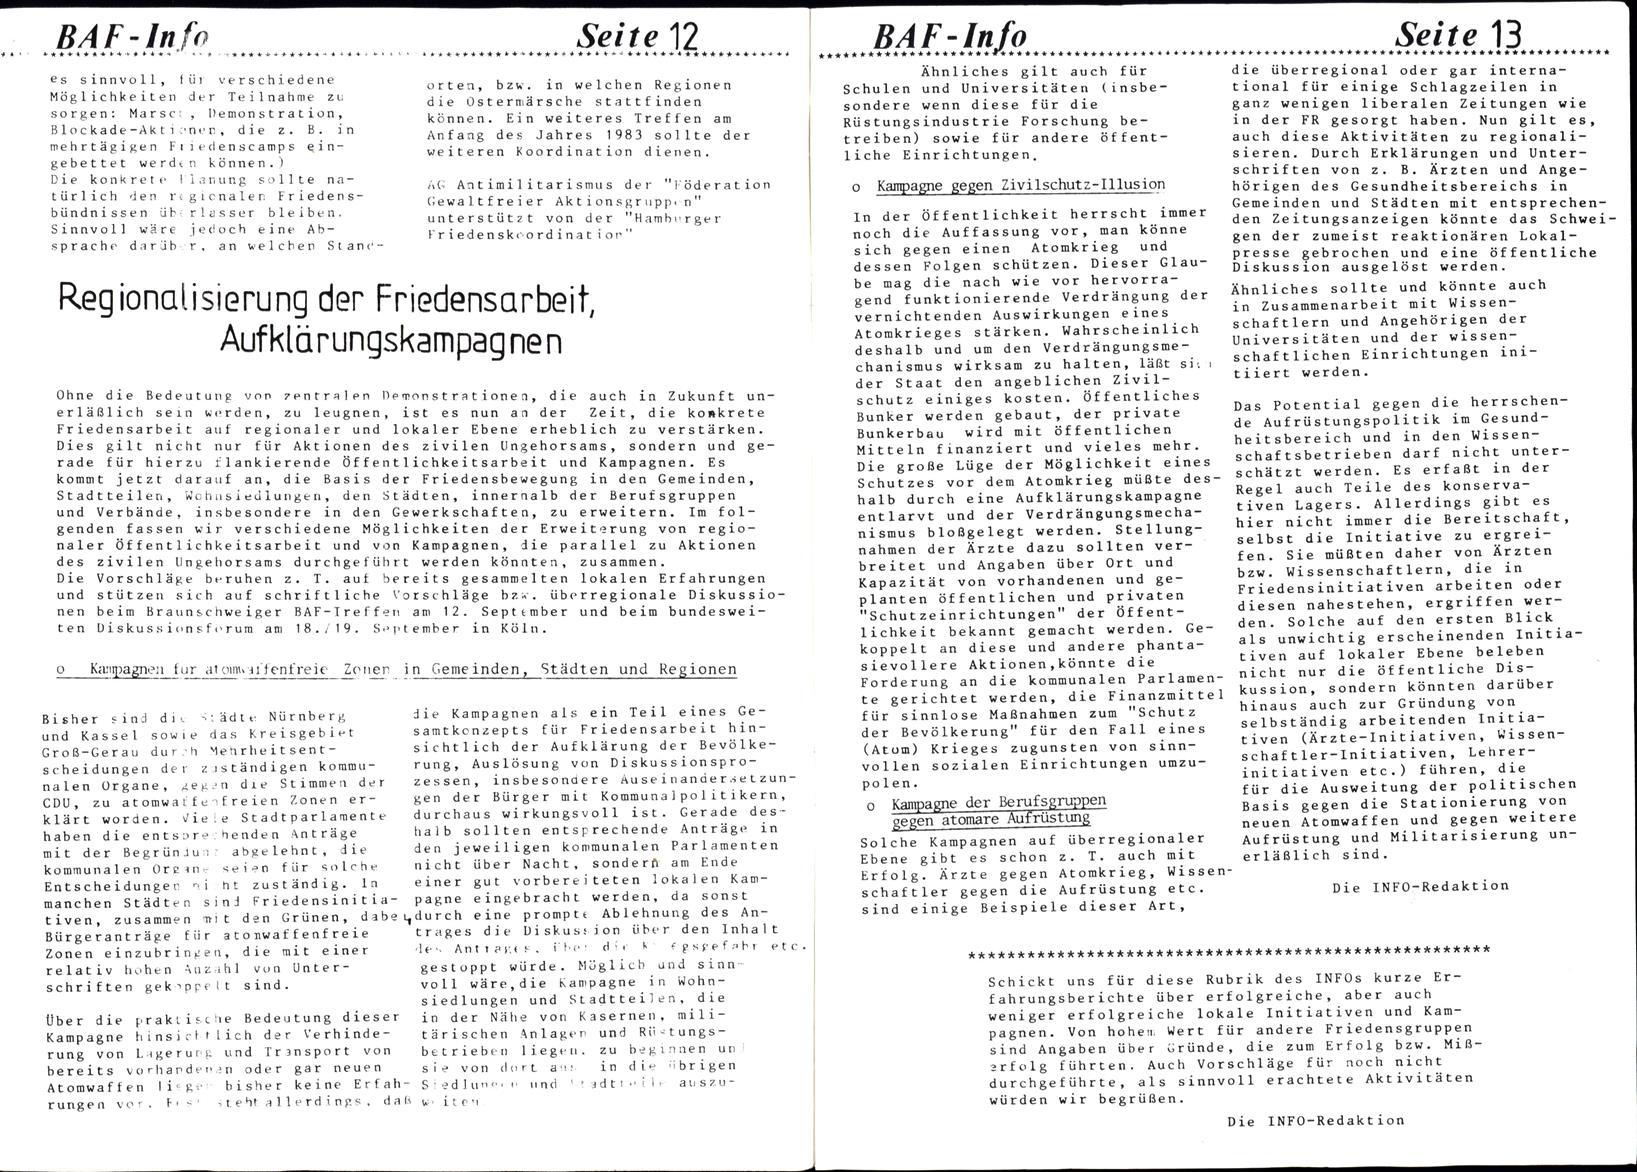 BAF_Info_01_19820900_07